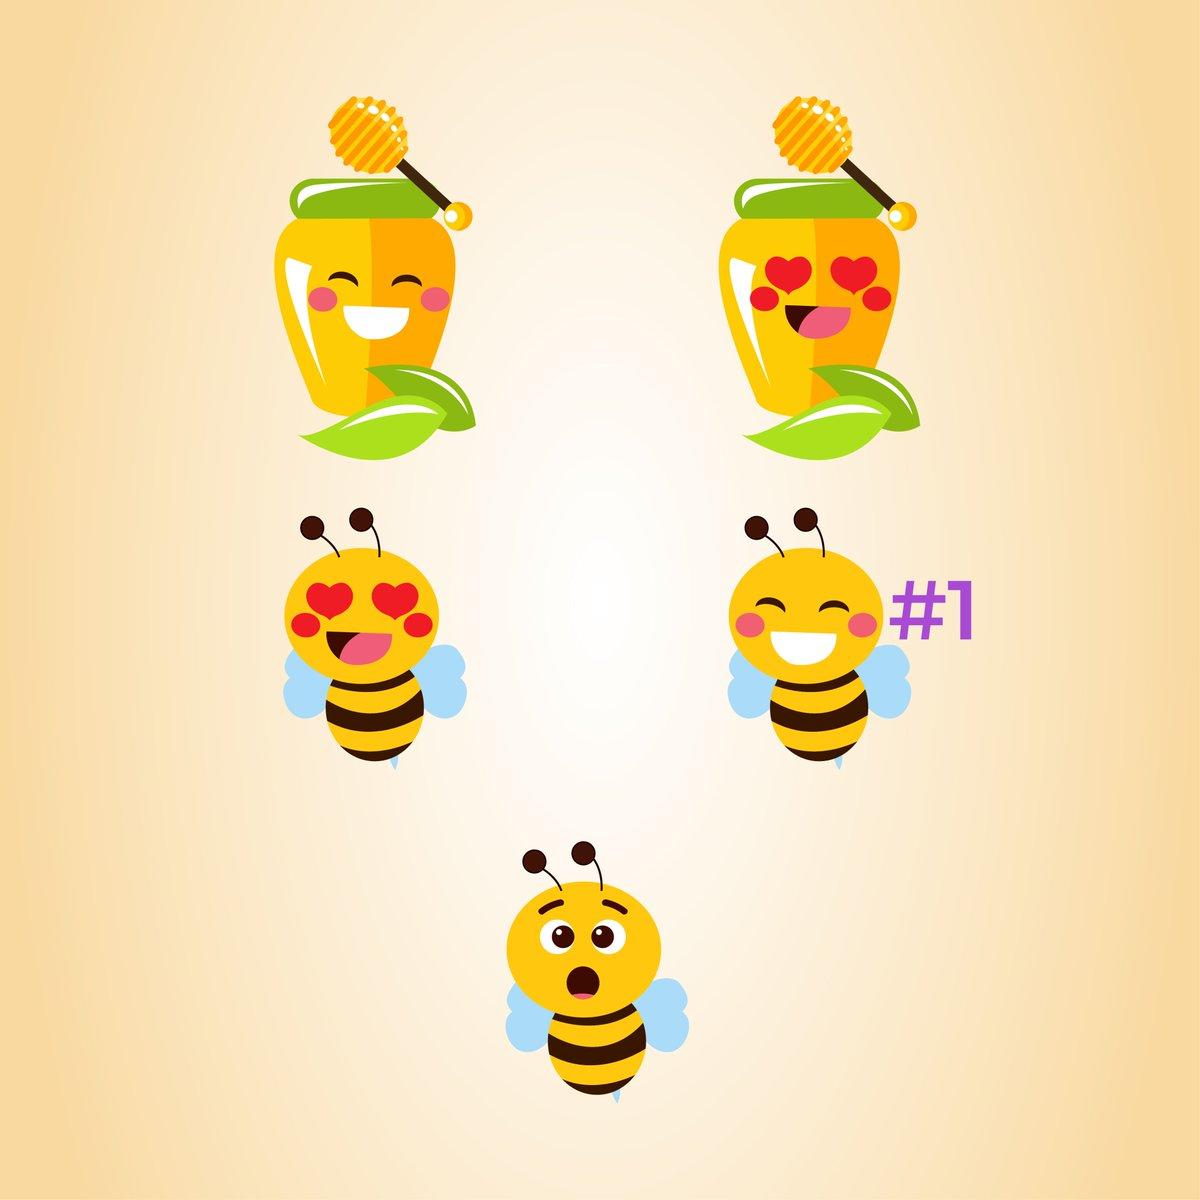 Creation De Logos On Twitter Creation D Emoticones Personnalises Pour Une Chaine Logo Logotype Design